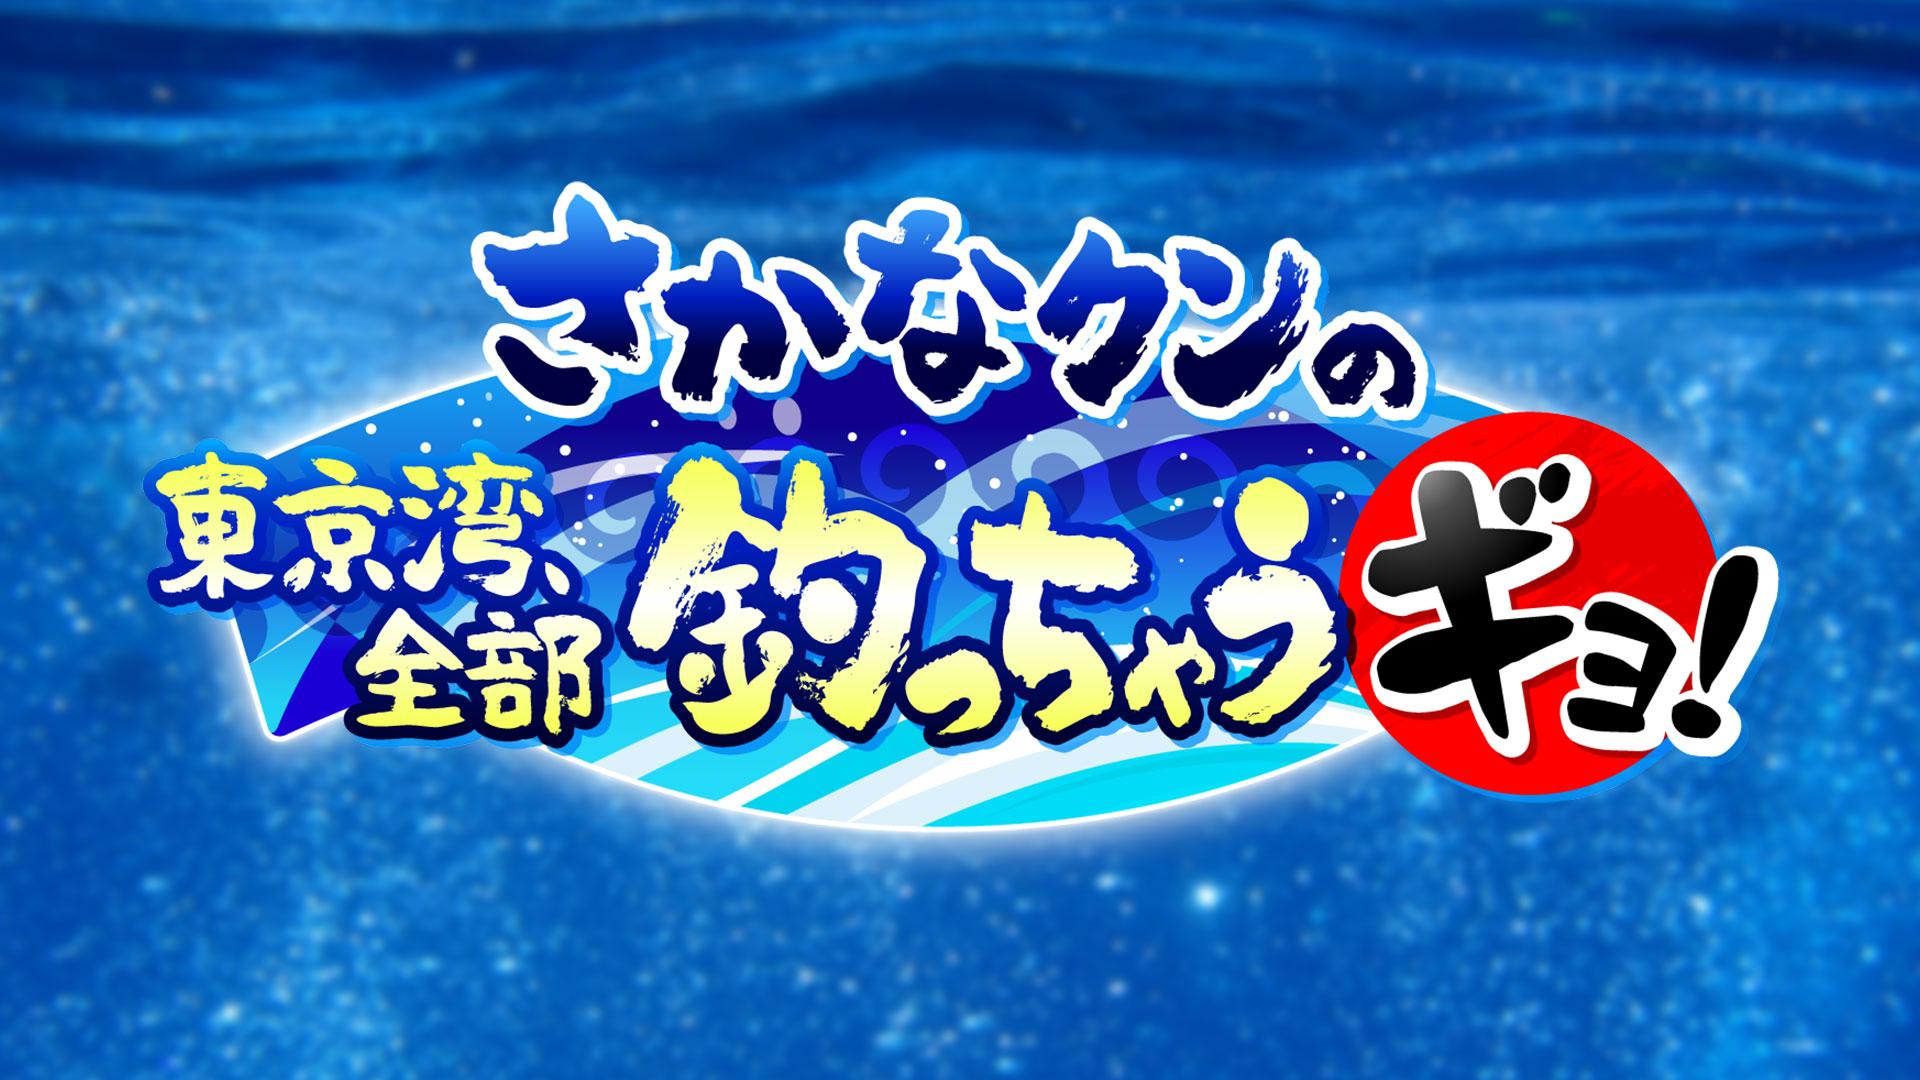 さかなクンの 東京湾、全部釣っちゃうギョ!